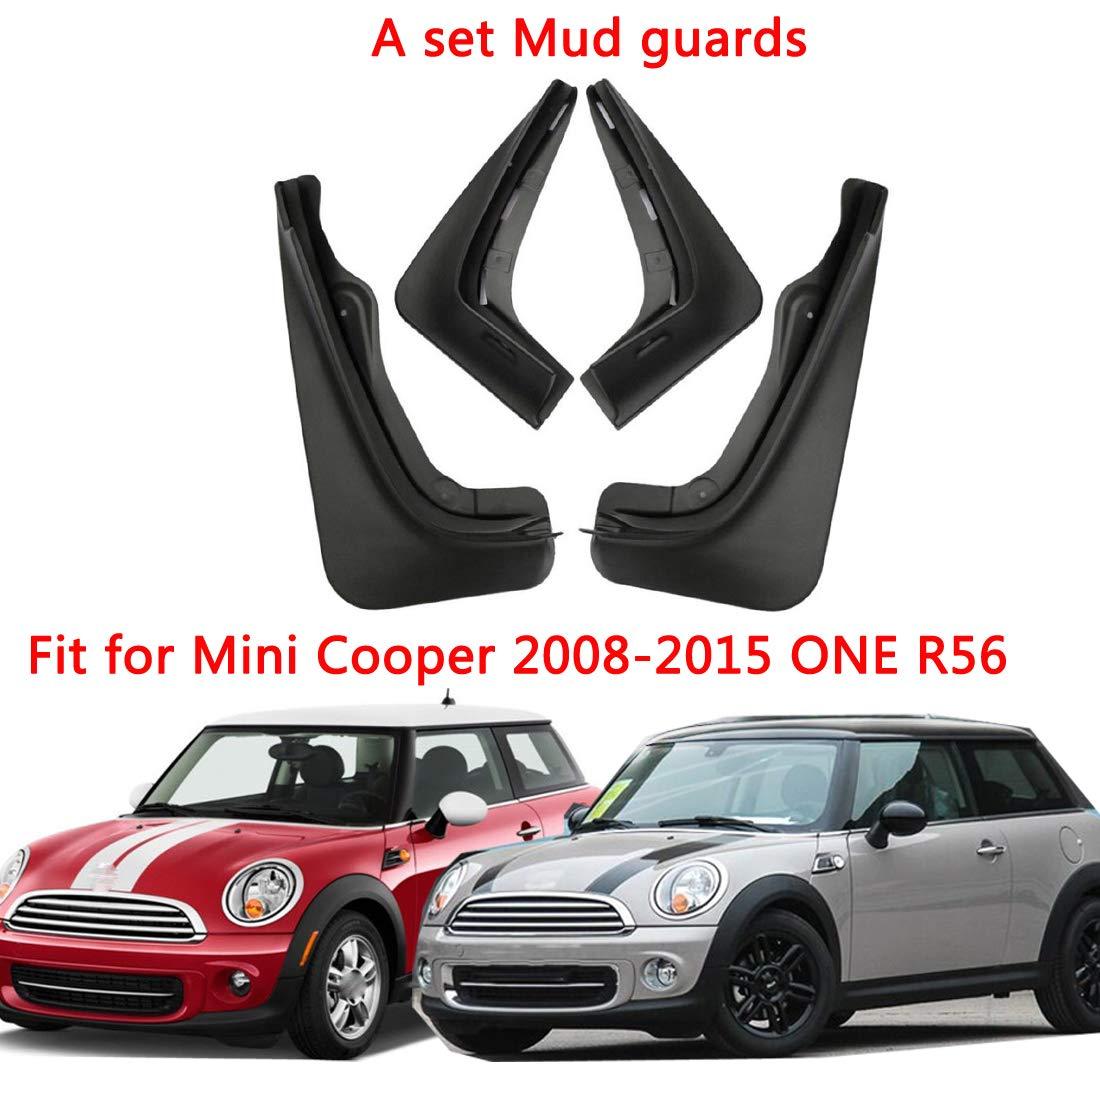 2015 One R56 GDsun Guardabarros de Guardabarros para Guardabarros de Coche para Mini Cooper 2008